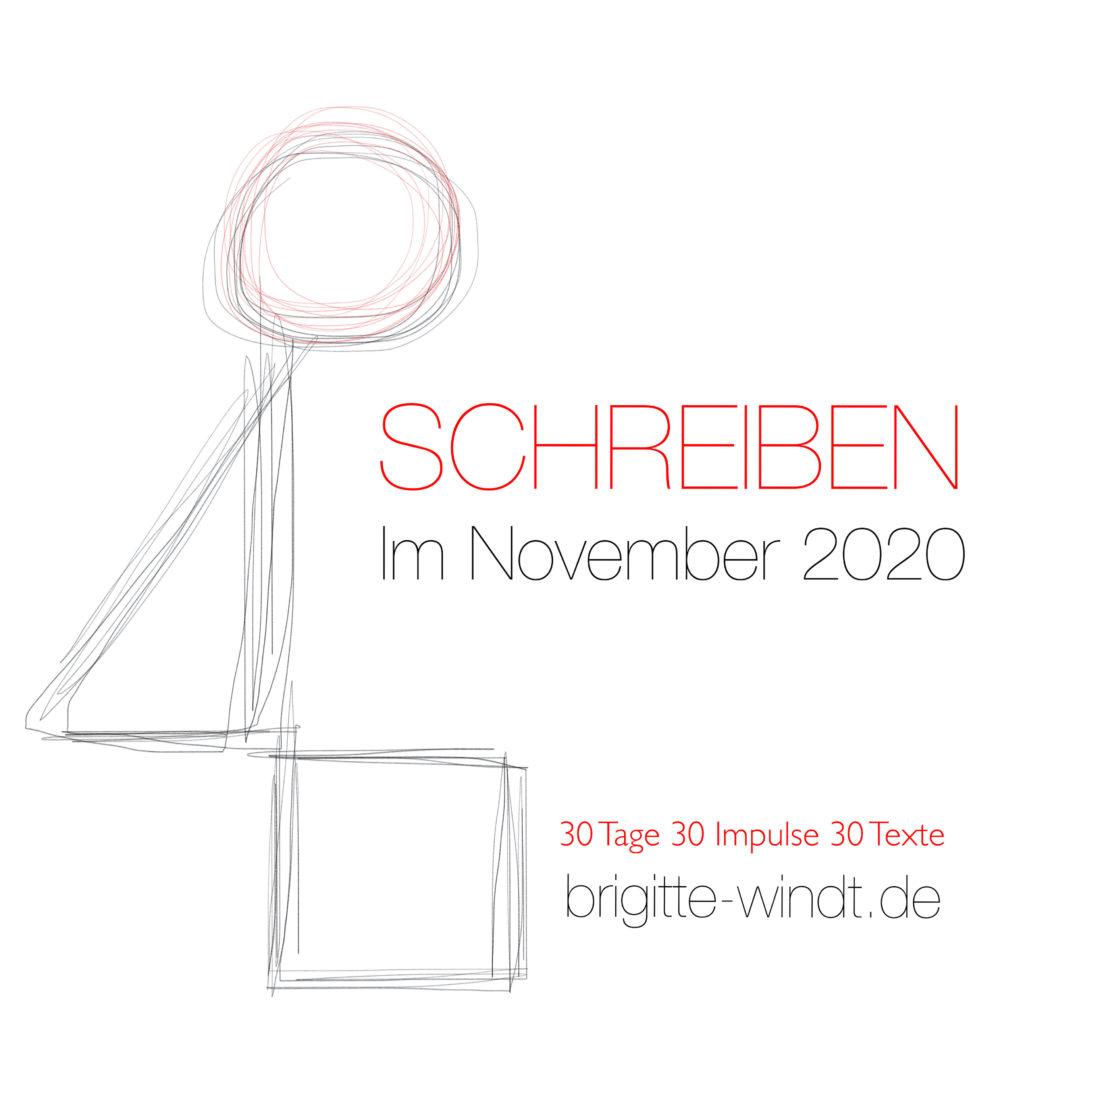 Schreiben im November 2020, 30 Tage, 30 Impulse, 30 Texte, Brigitte Windt